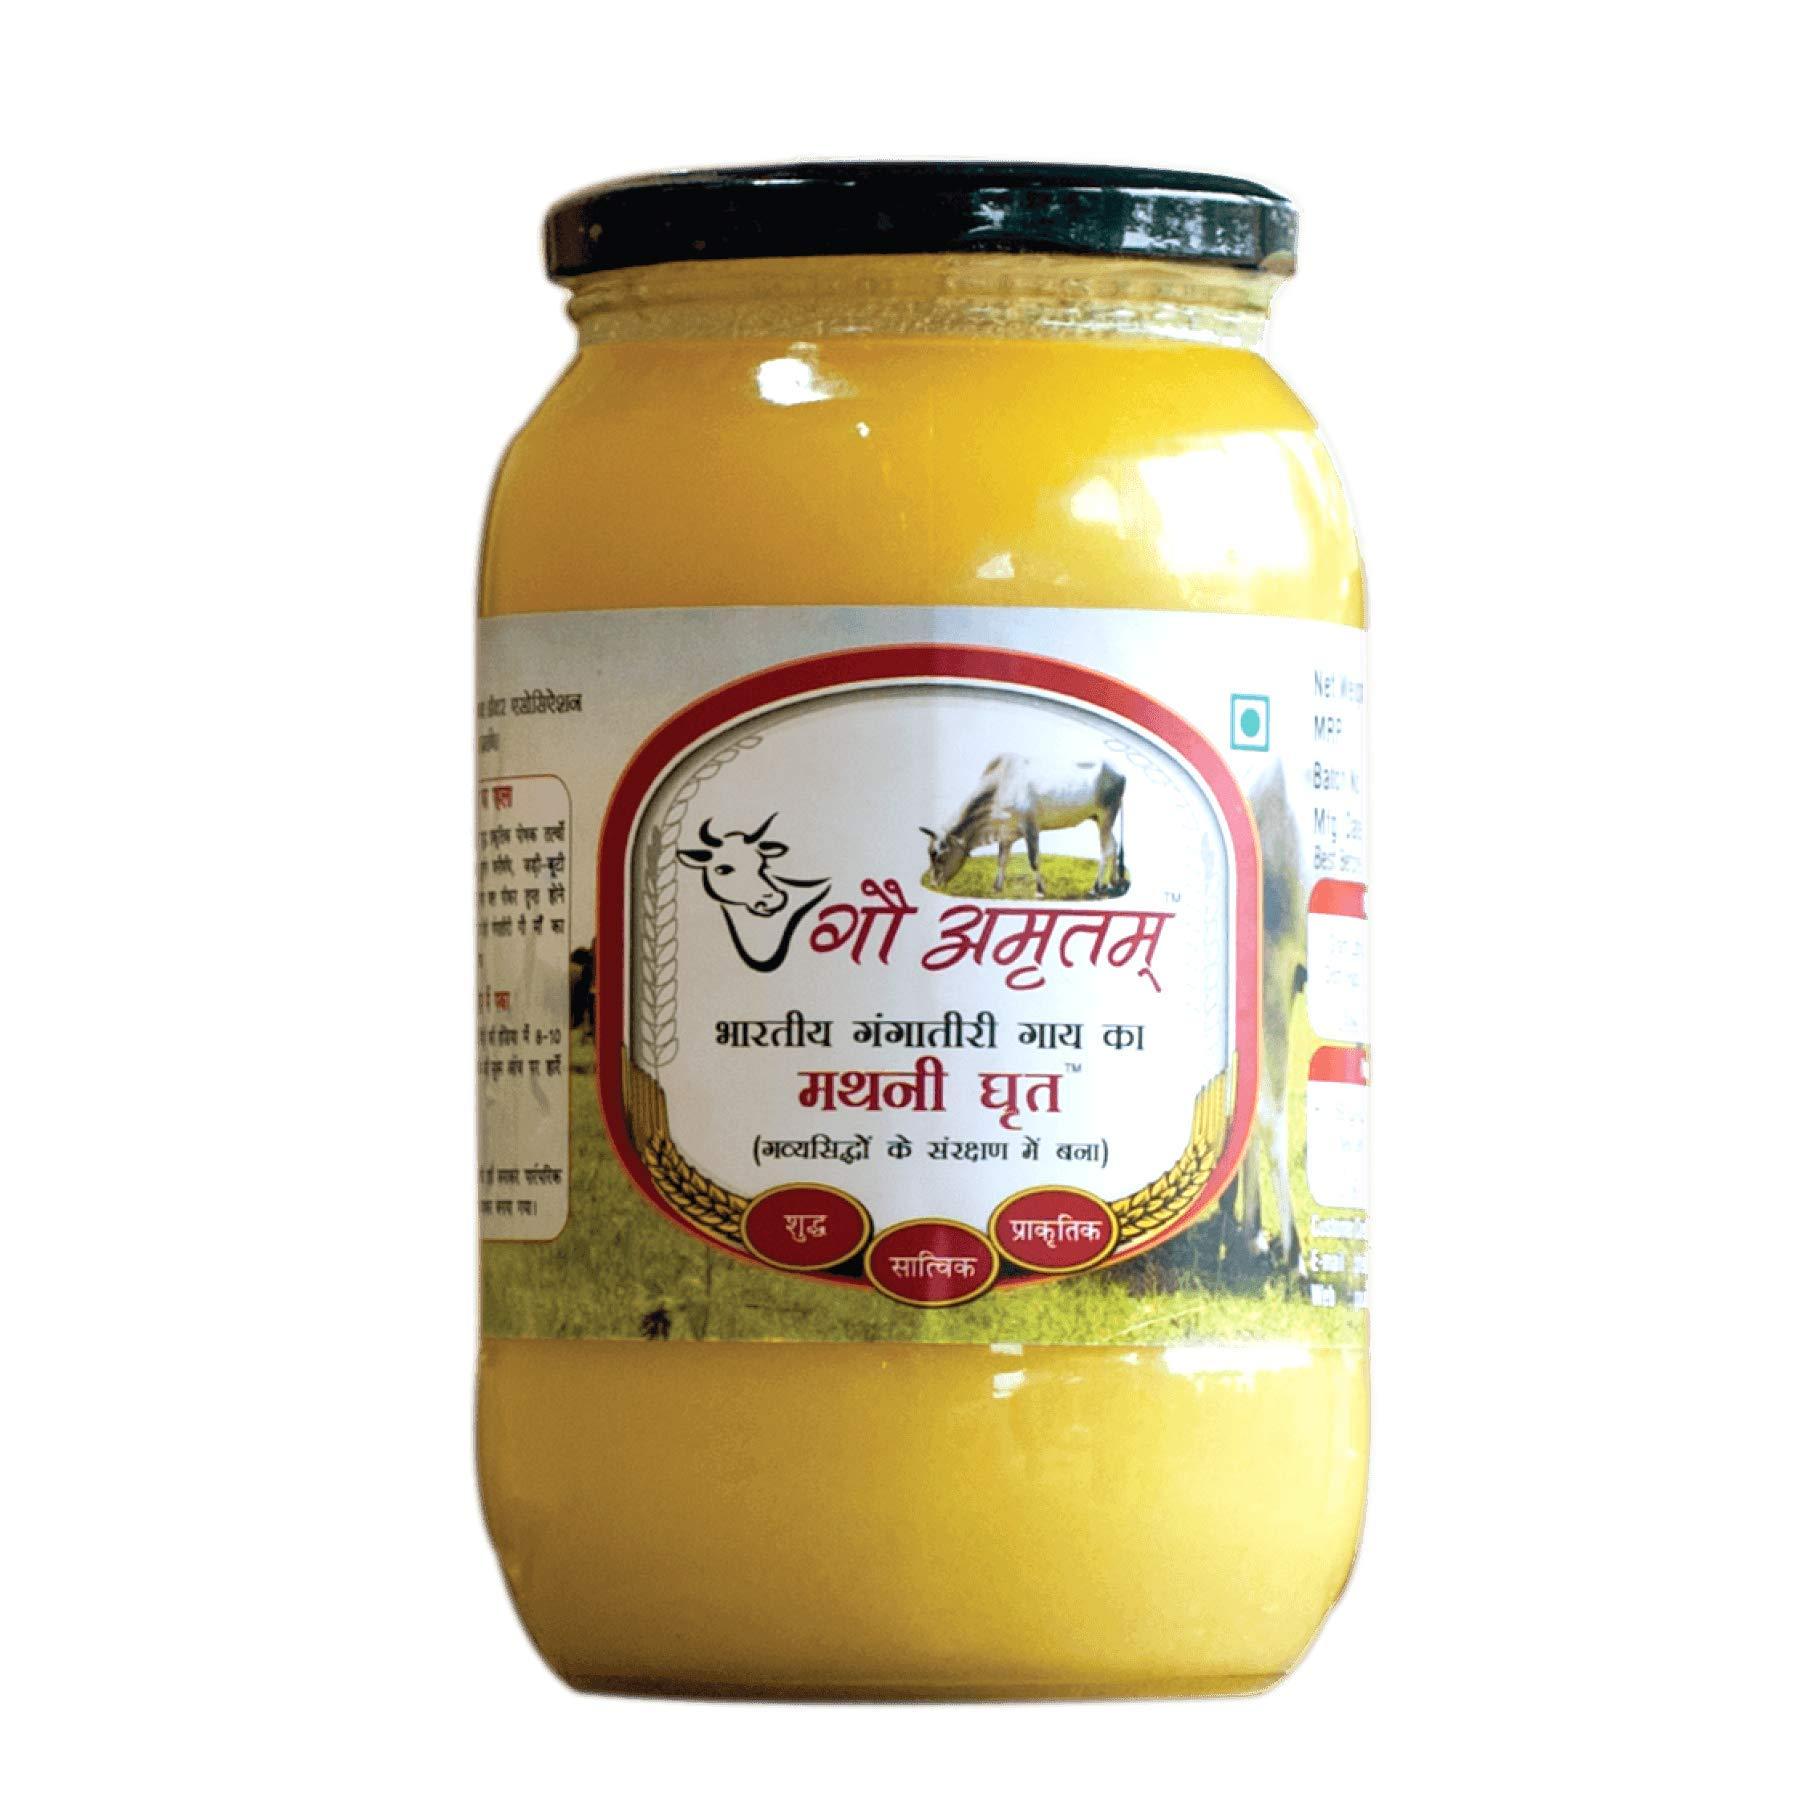 GAU AMRITAM Organic A2 Ghee Desi Gangatiri Cow Vedic, 500ml ( 16.90 OZ)